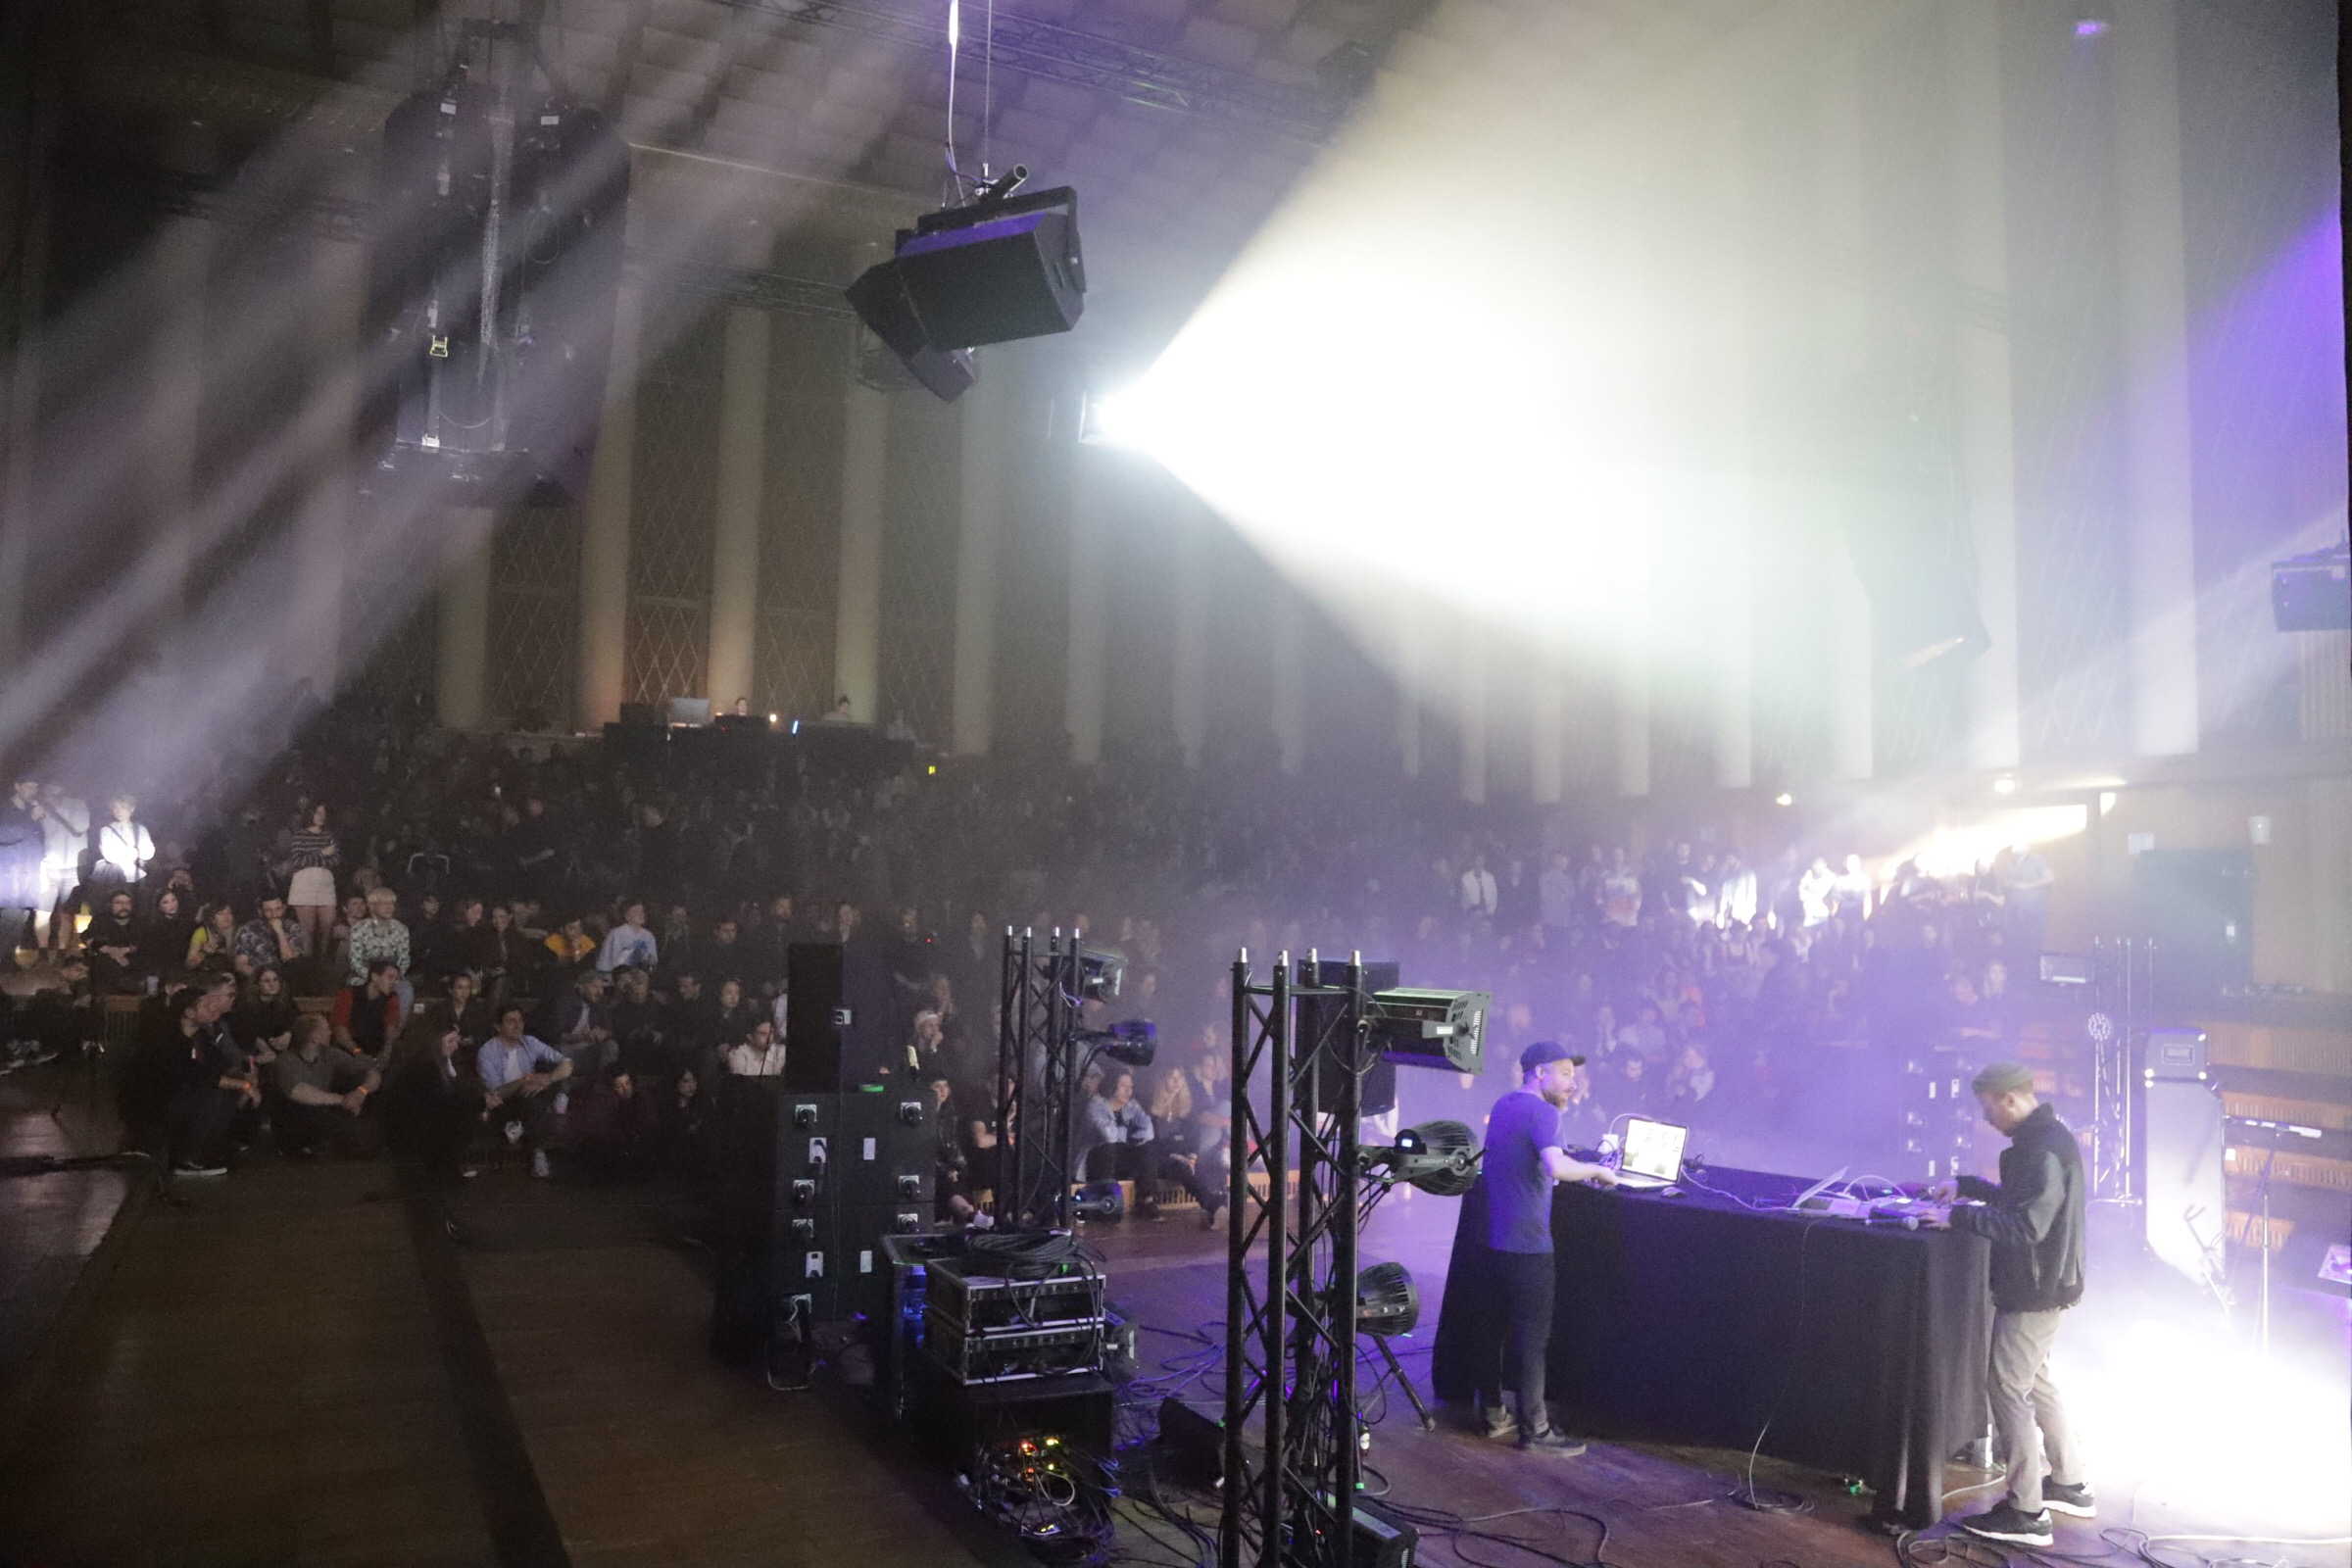 LIVE/180505-mira-festival-berlin-2018-forest-swords-aisha-devi-yves-tumor/MIRA_Berlin_2018_Xarlene_2.JPG